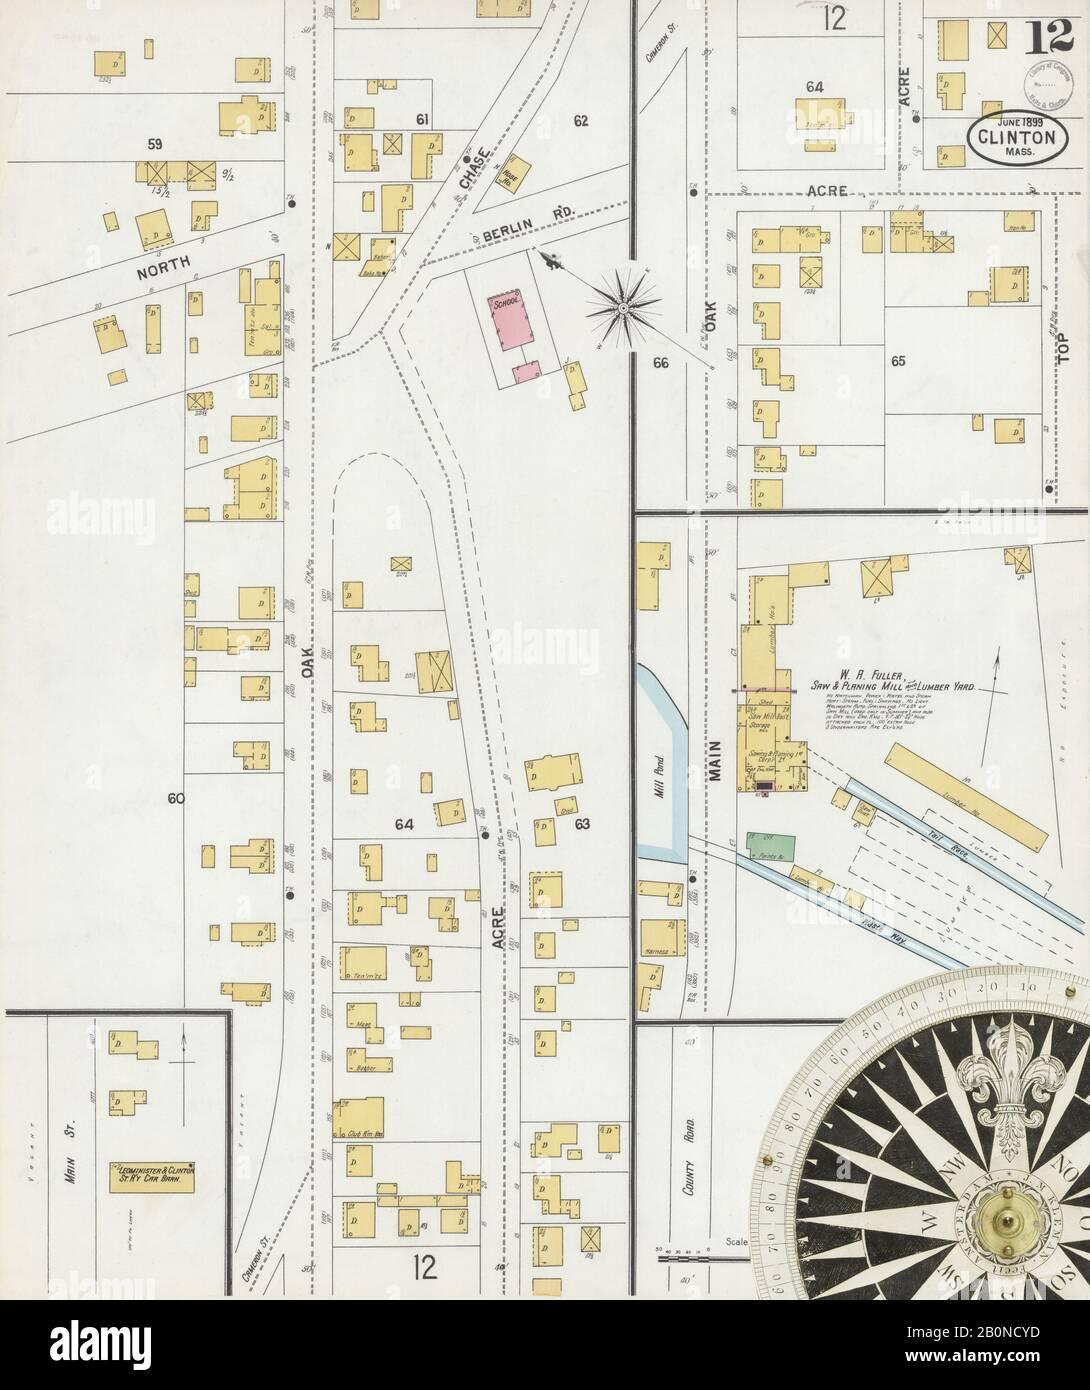 Bild 12 von Sanborn Fire Insurance Map aus Clinton, Worcester County, Massachusetts. Juni 1899. 12 Blatt(e), Amerika, Straßenkarte mit einem Kompass Aus Dem 19. Jahrhundert Stockfoto